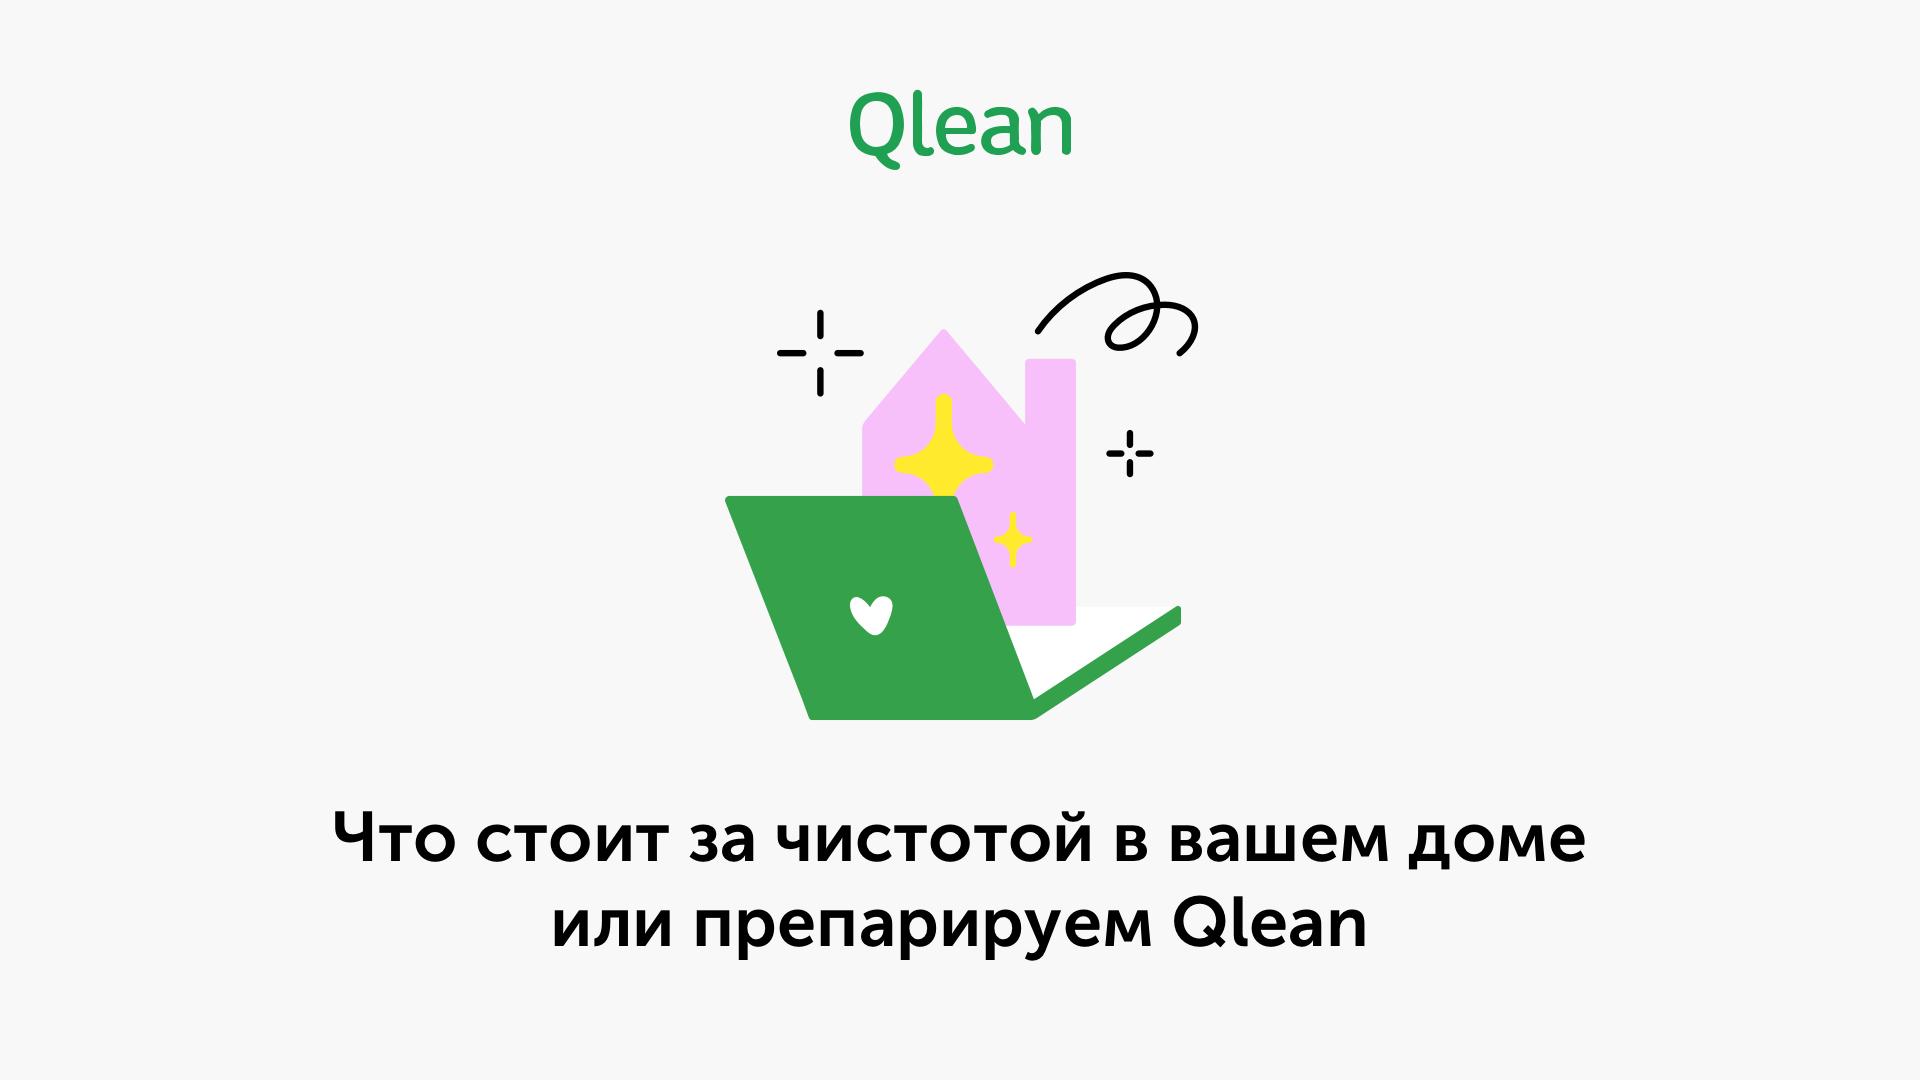 Что стоит за чистотой в вашей квартире, или препарация Qlean